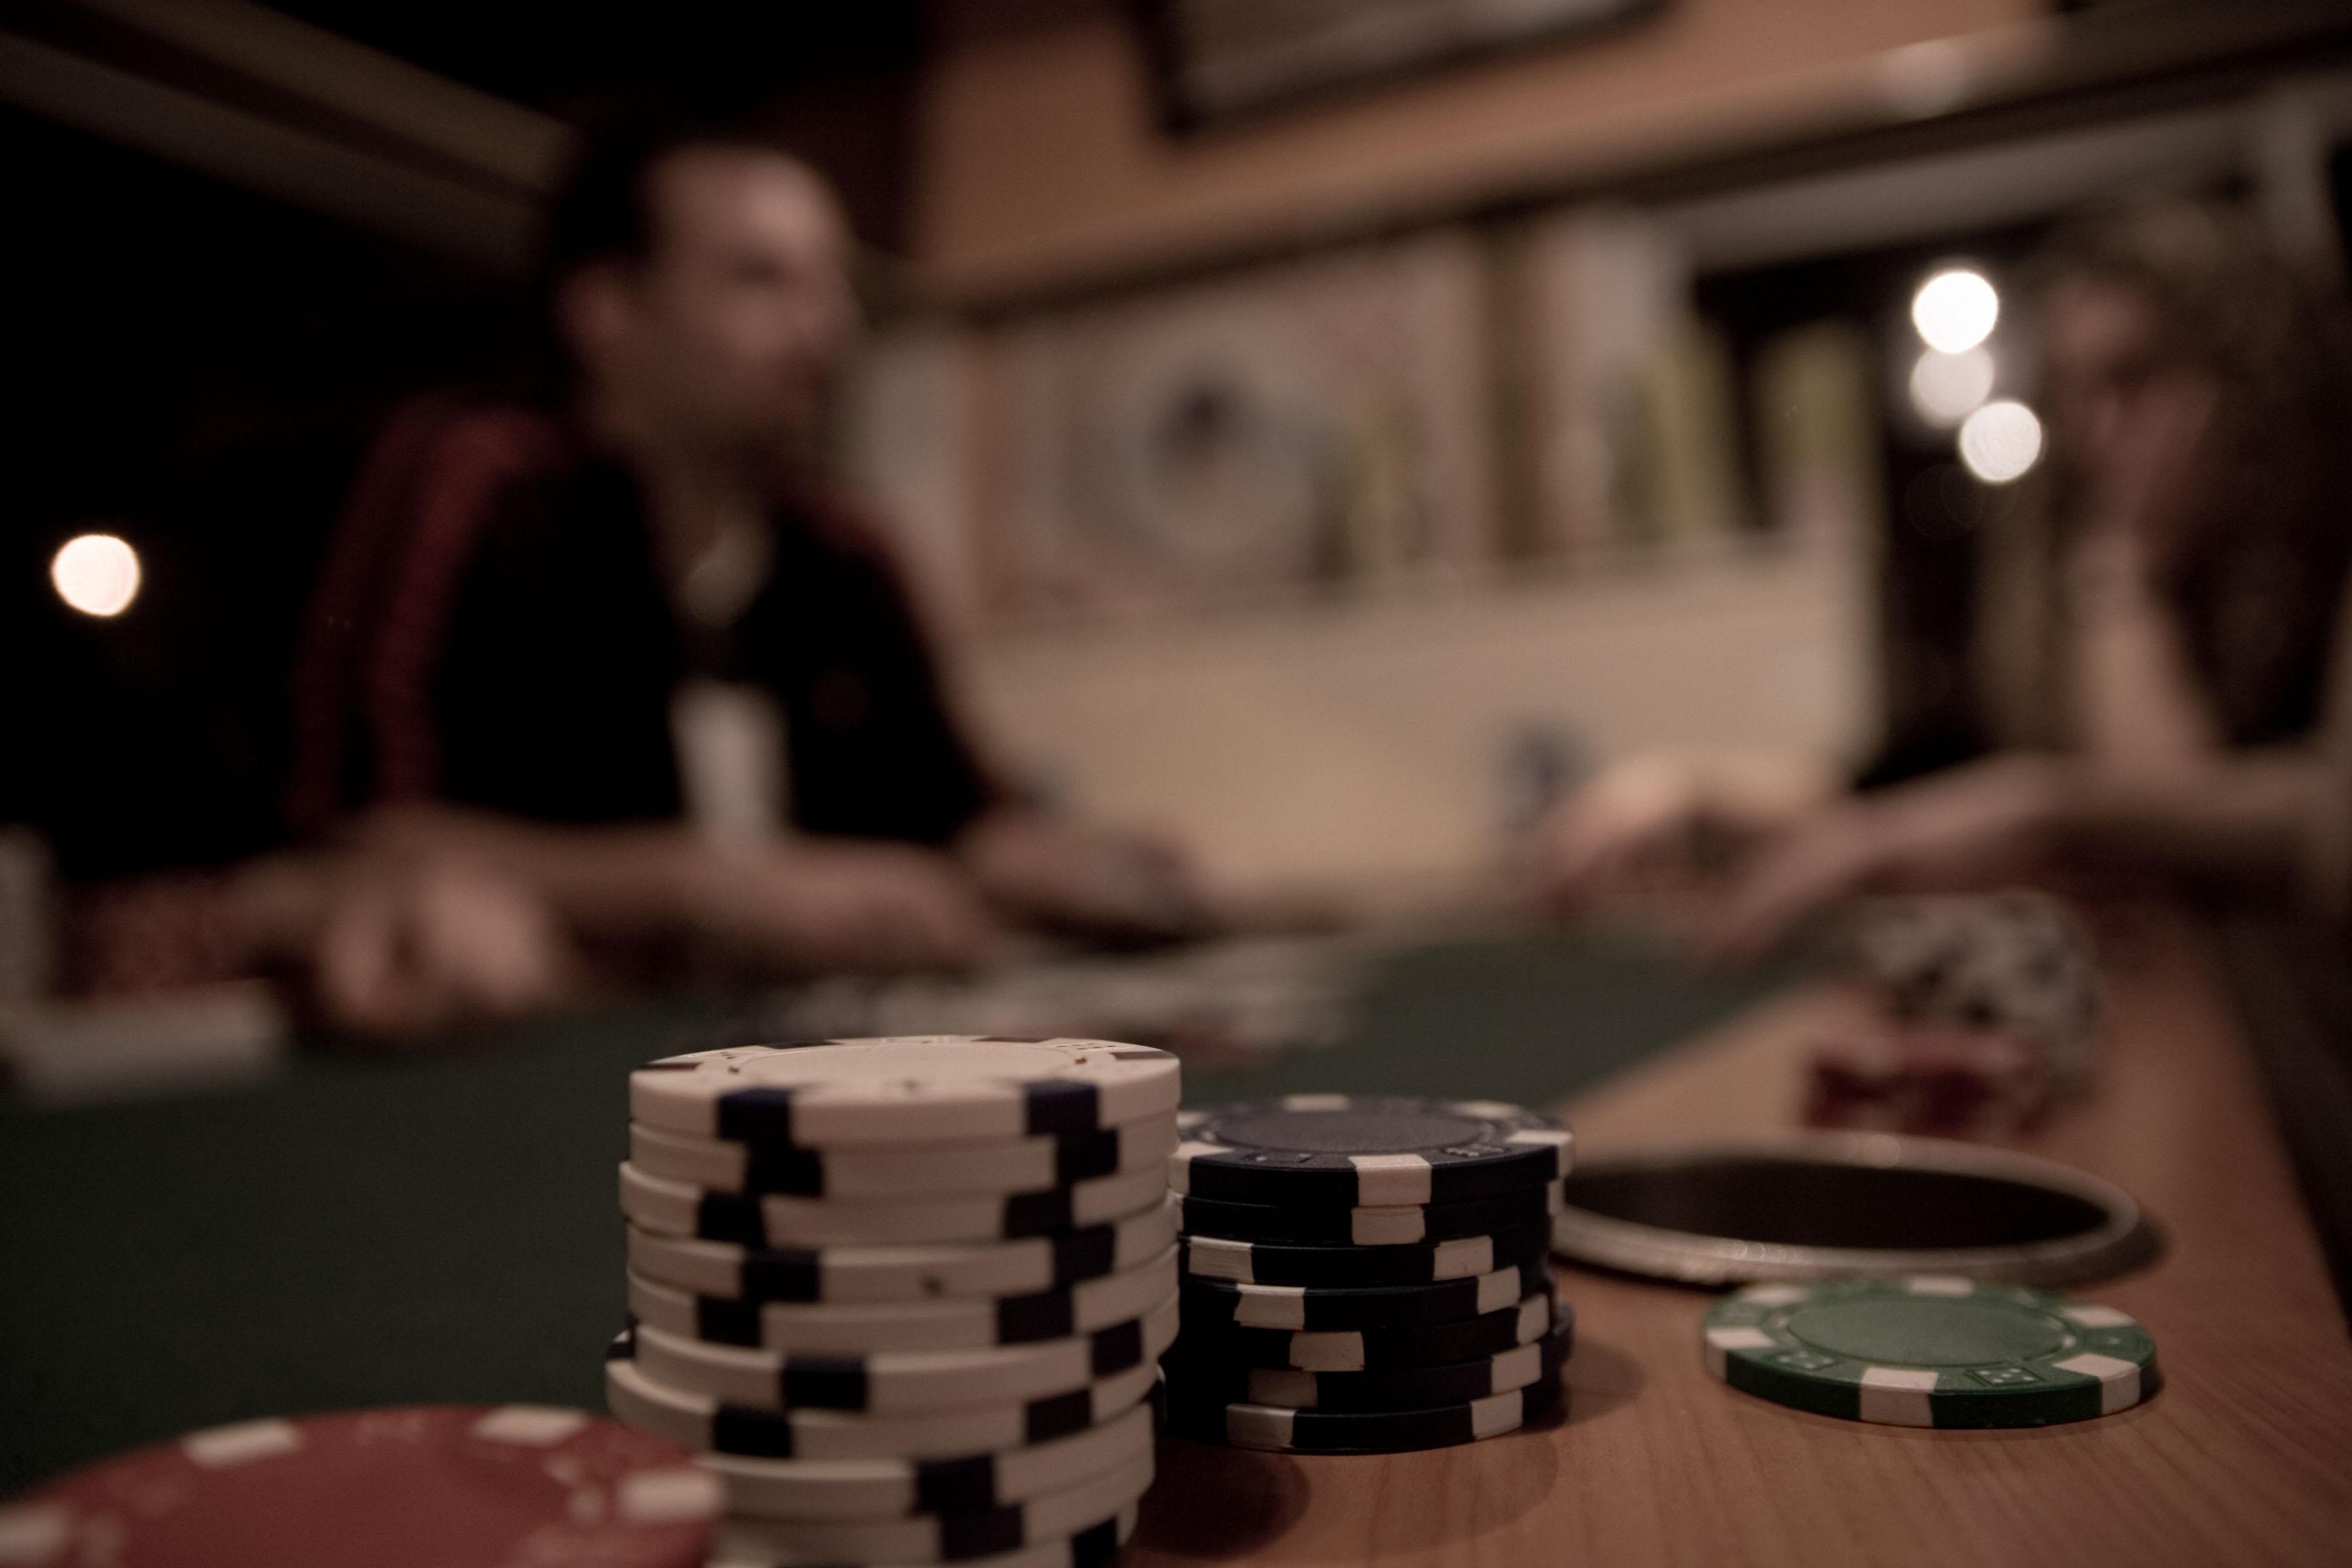 Nem hozzák nyilvánosságra a Facebook pókeralgoritmusát, mert félnek, hogy az egész online pókeripart bedöntené